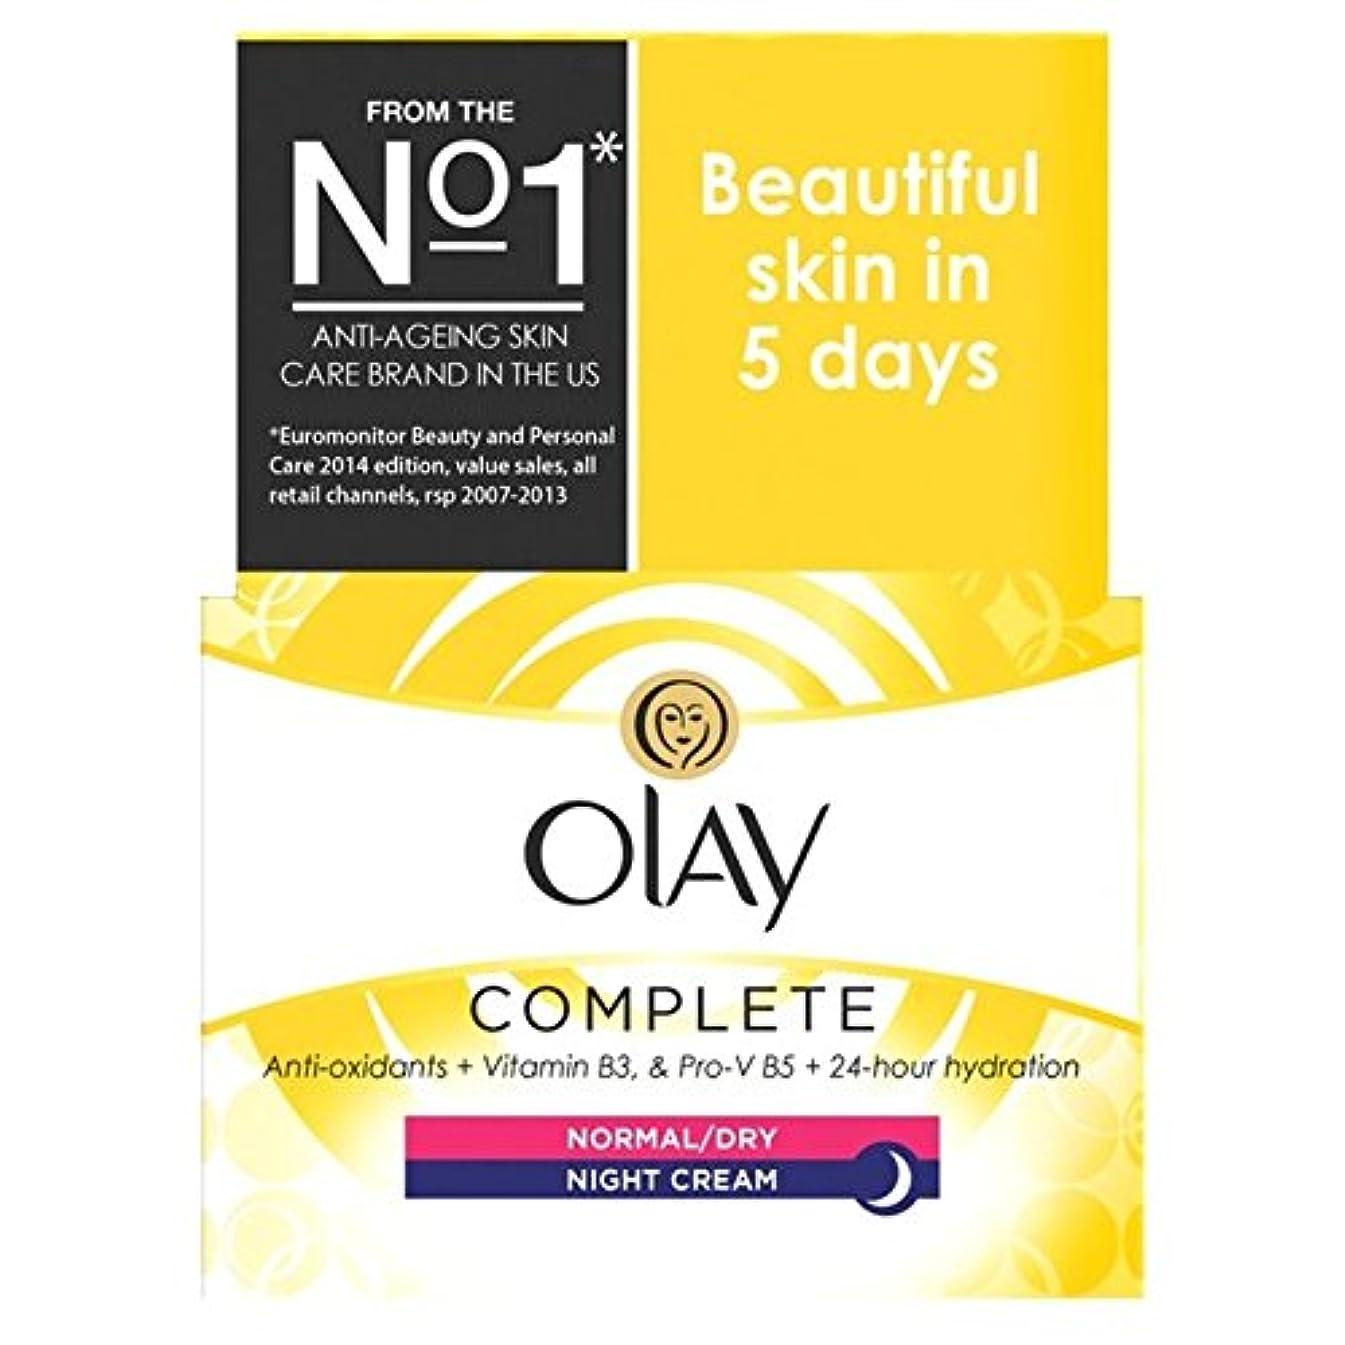 シロナガスクジラ学期ティーンエイジャーオーレイ必需品の完全なケア保湿ナイトクリーム50ミリリットル x2 - Olay Essentials Complete Care Moisturiser Night Cream 50ml (Pack of 2) [並行輸入品]